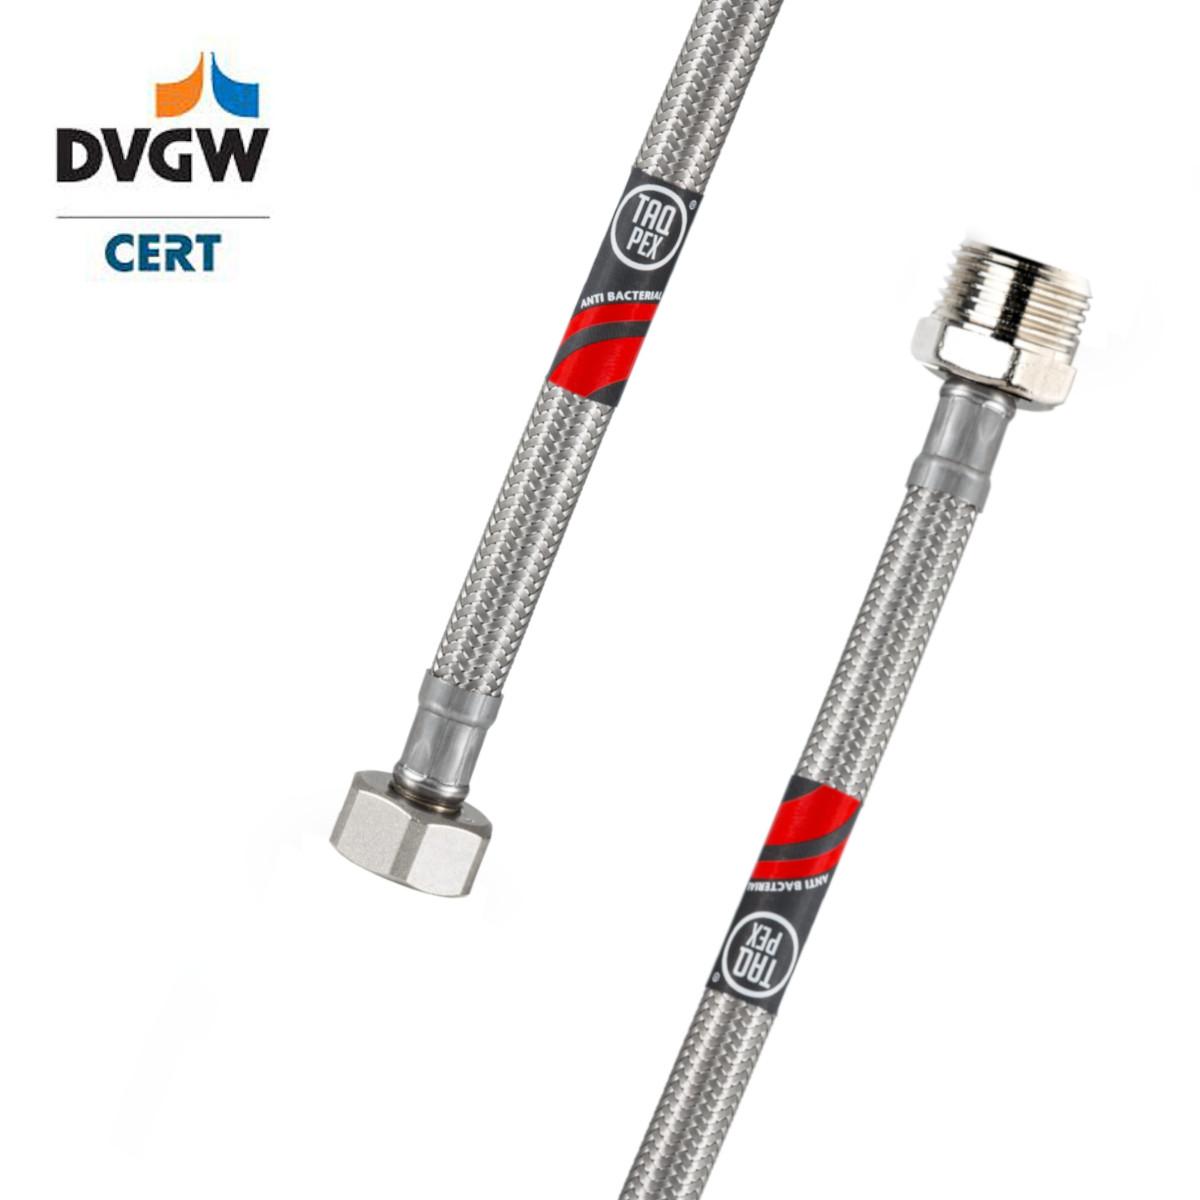 """DVGW geprüfter Flexschlauch 3/8"""" ÜM x 3/8"""" AG 300mm Wasseranschluss-Anschlussschlauch Verlängerung"""